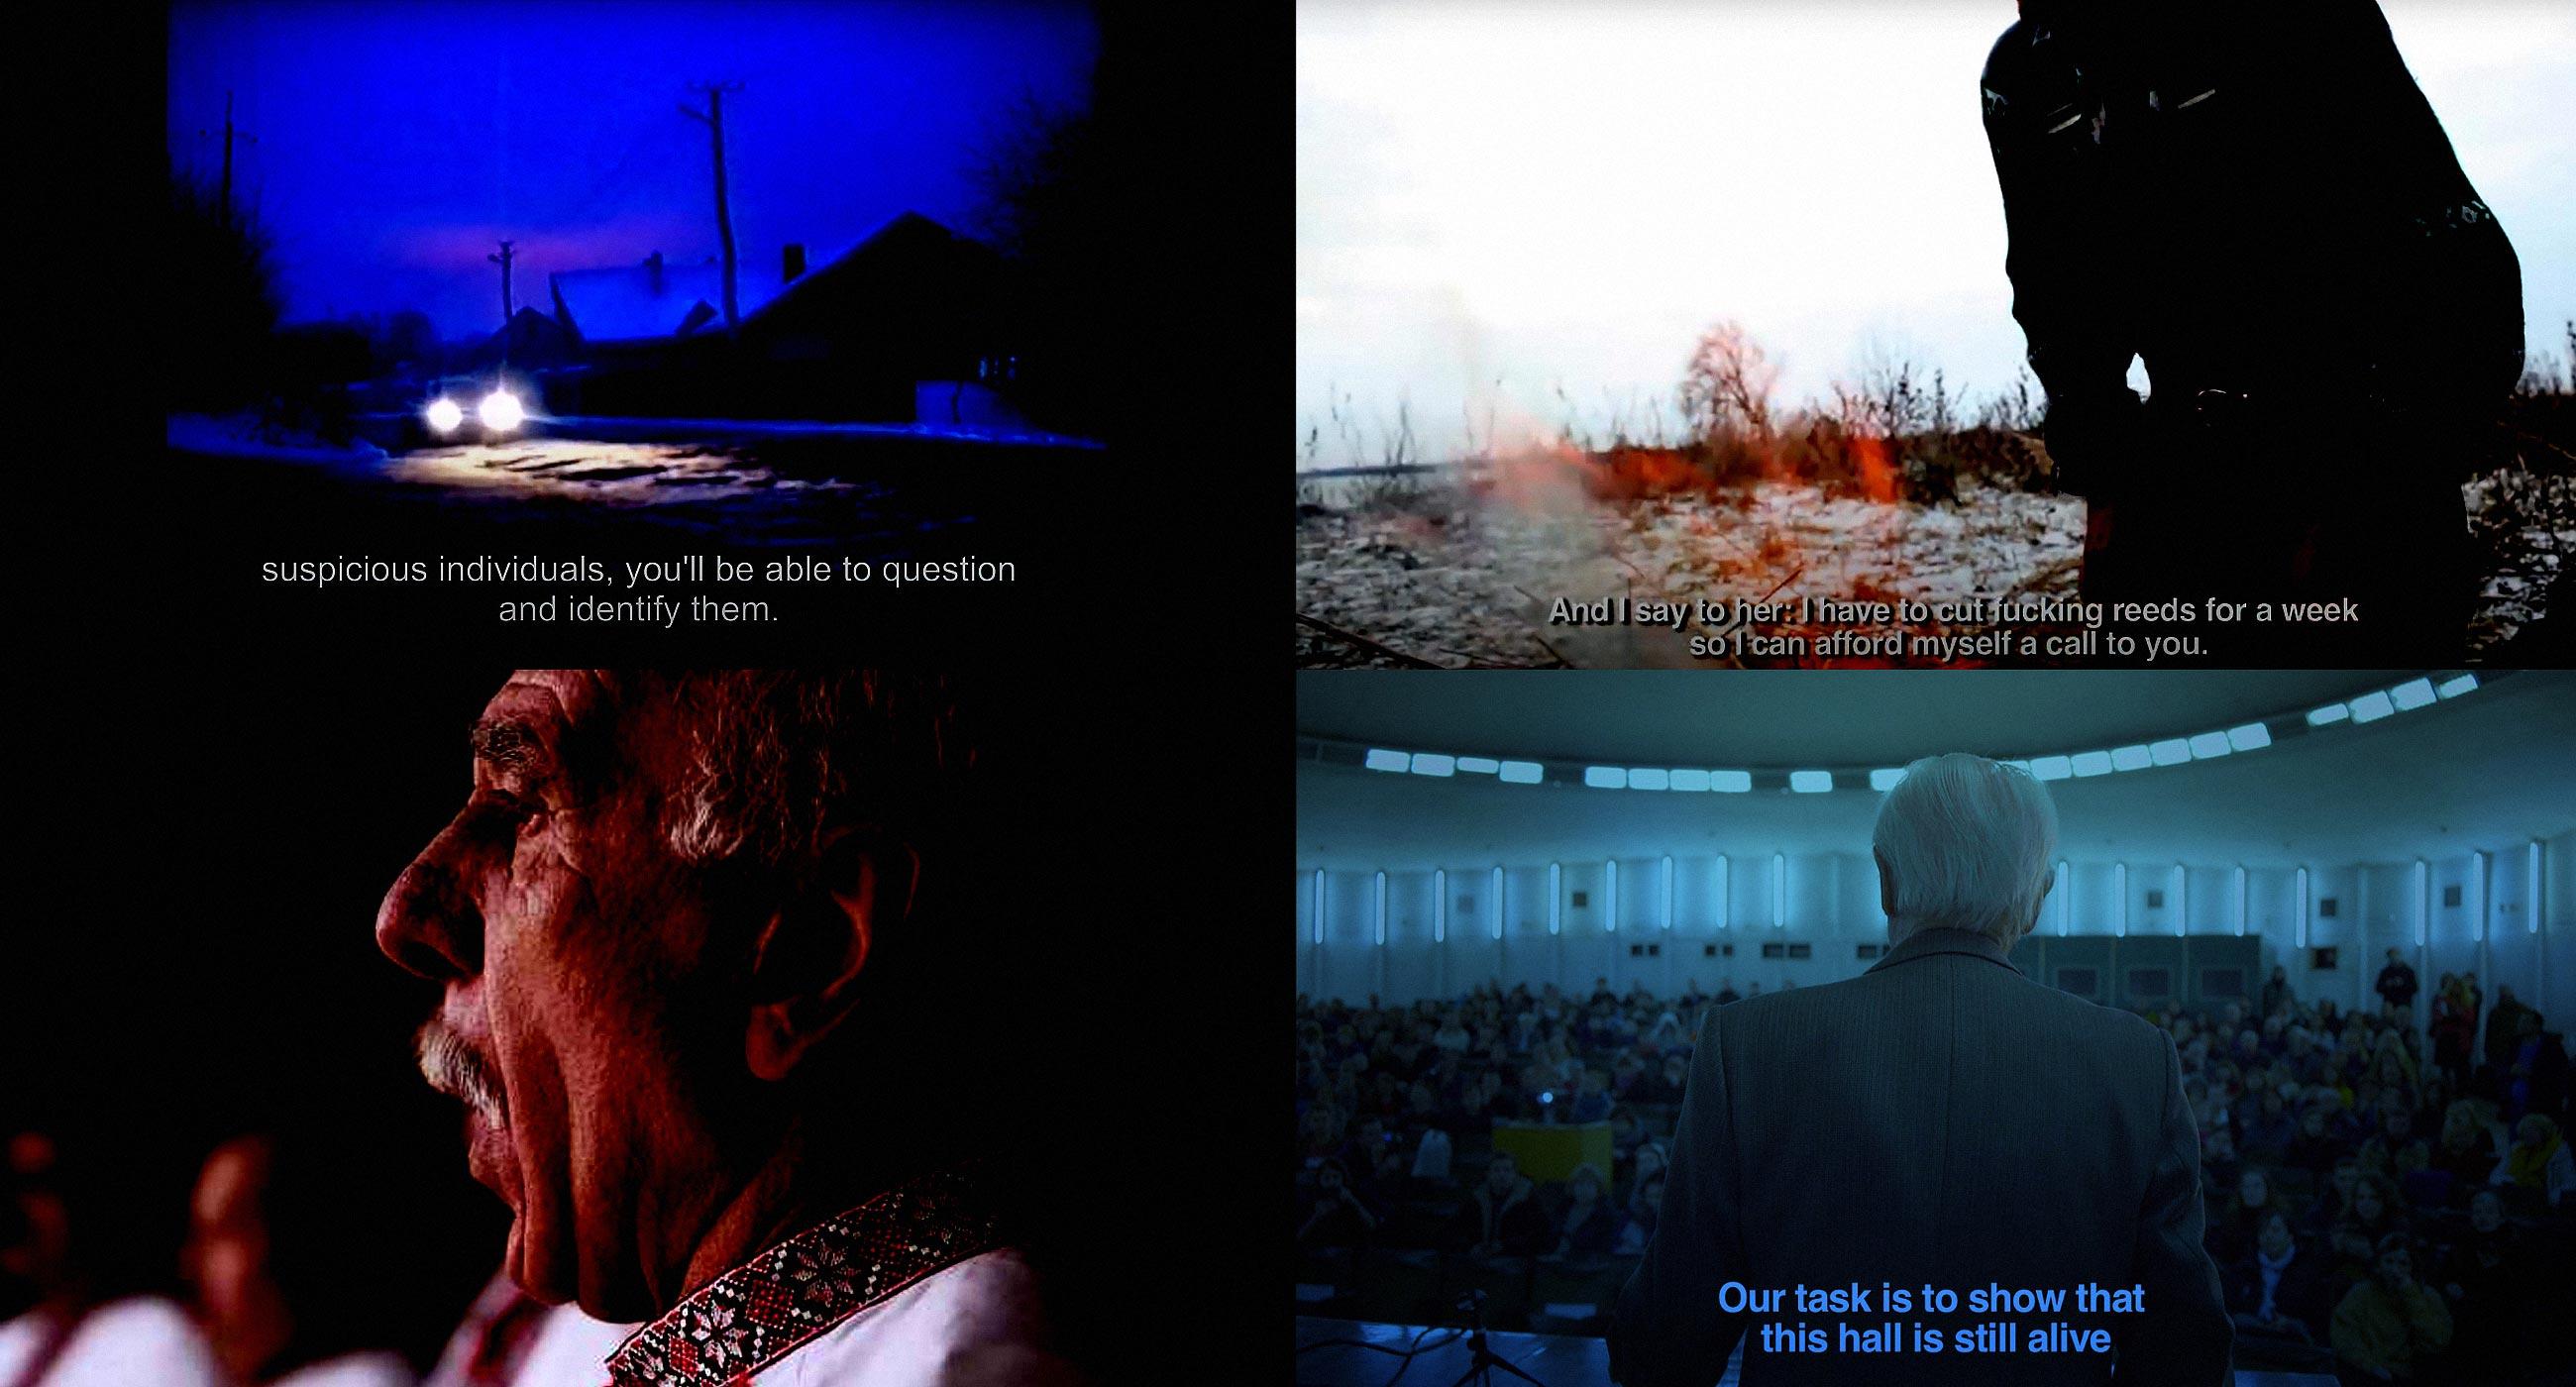 Від Майдану й до наших днів. Заборона згадує українські документальні фільми останніх років